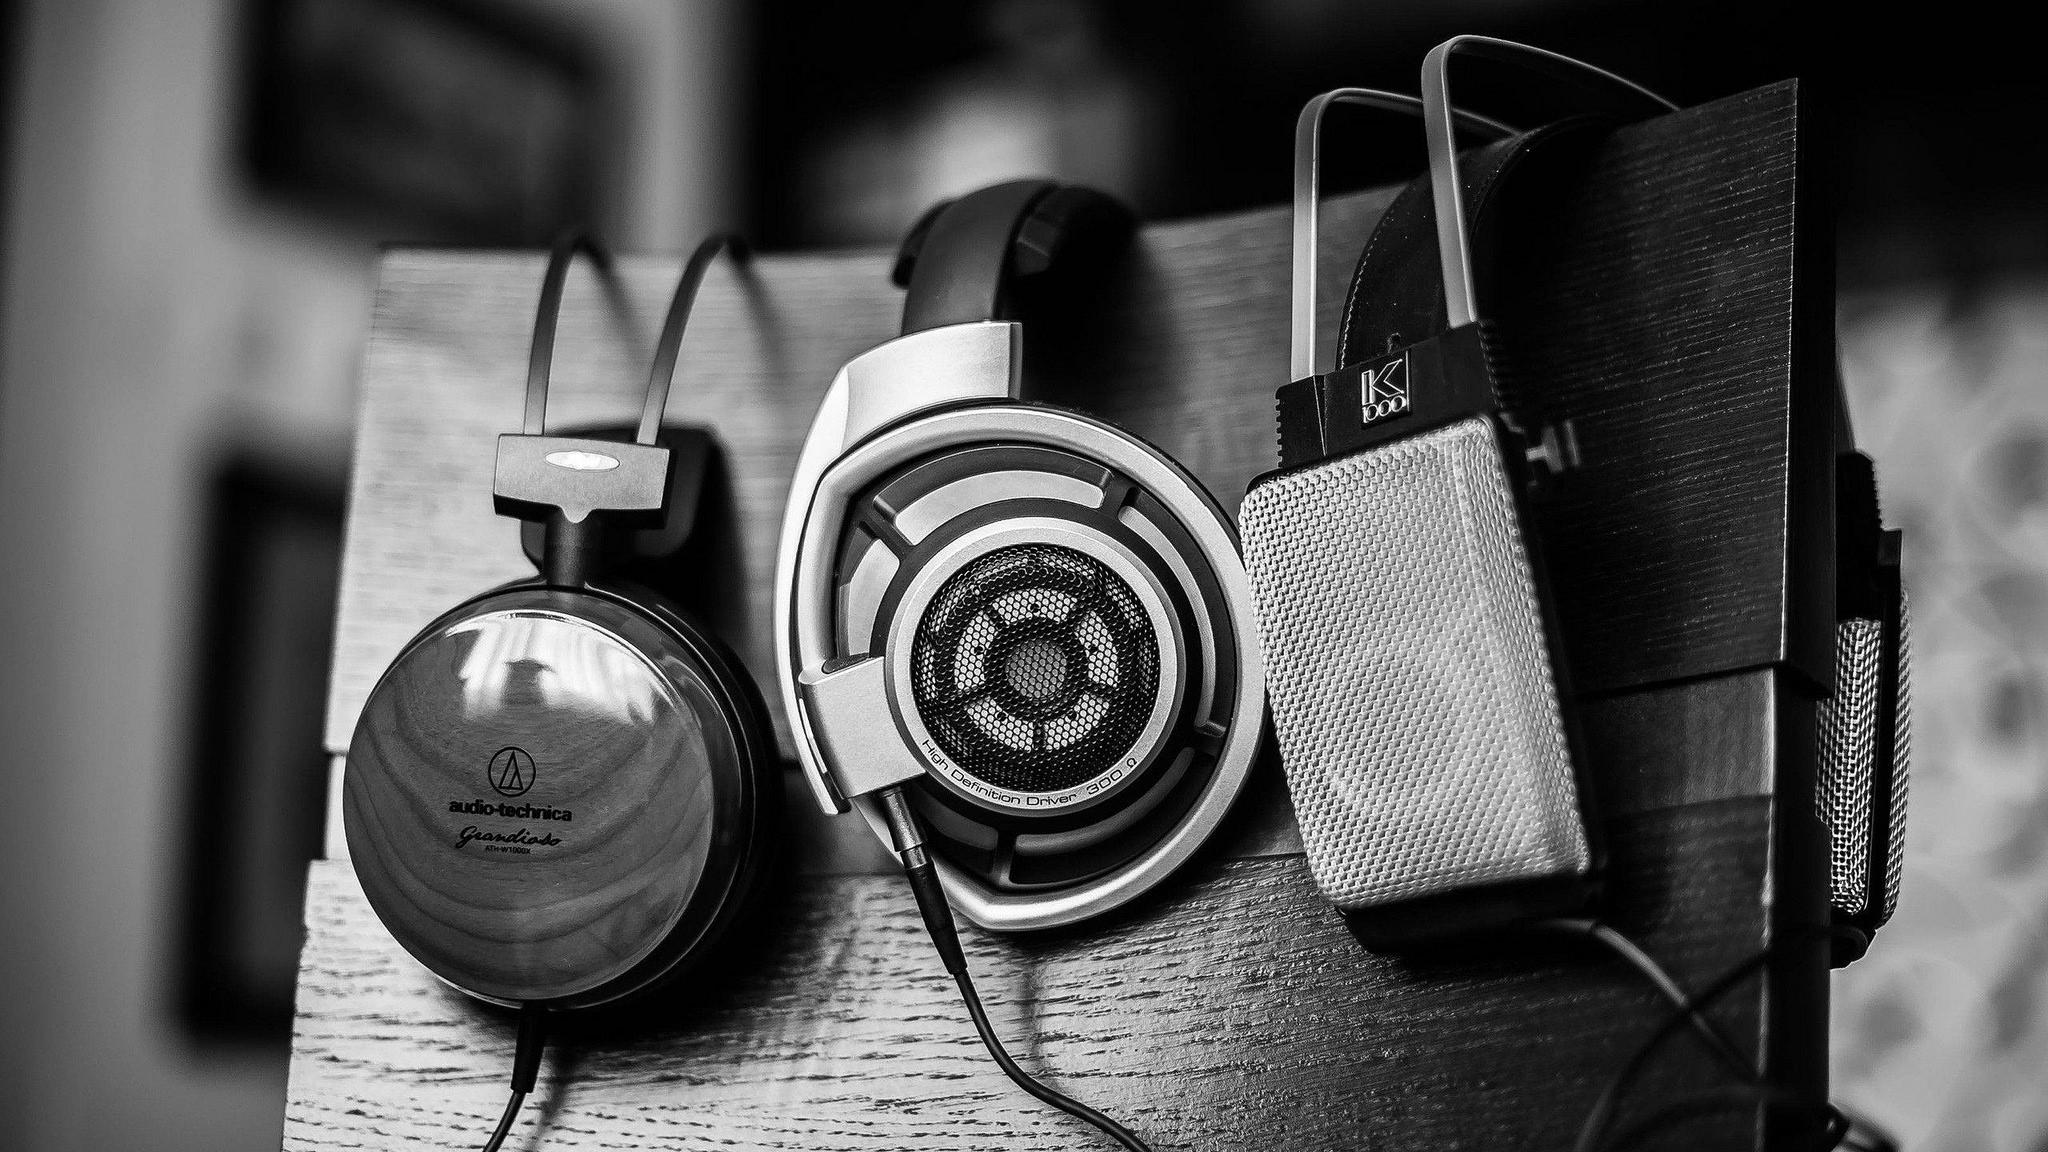 Los géneros musicales a través de nuestra vida: ¿Qué escuchamos según la edad? - Radio Cantilo